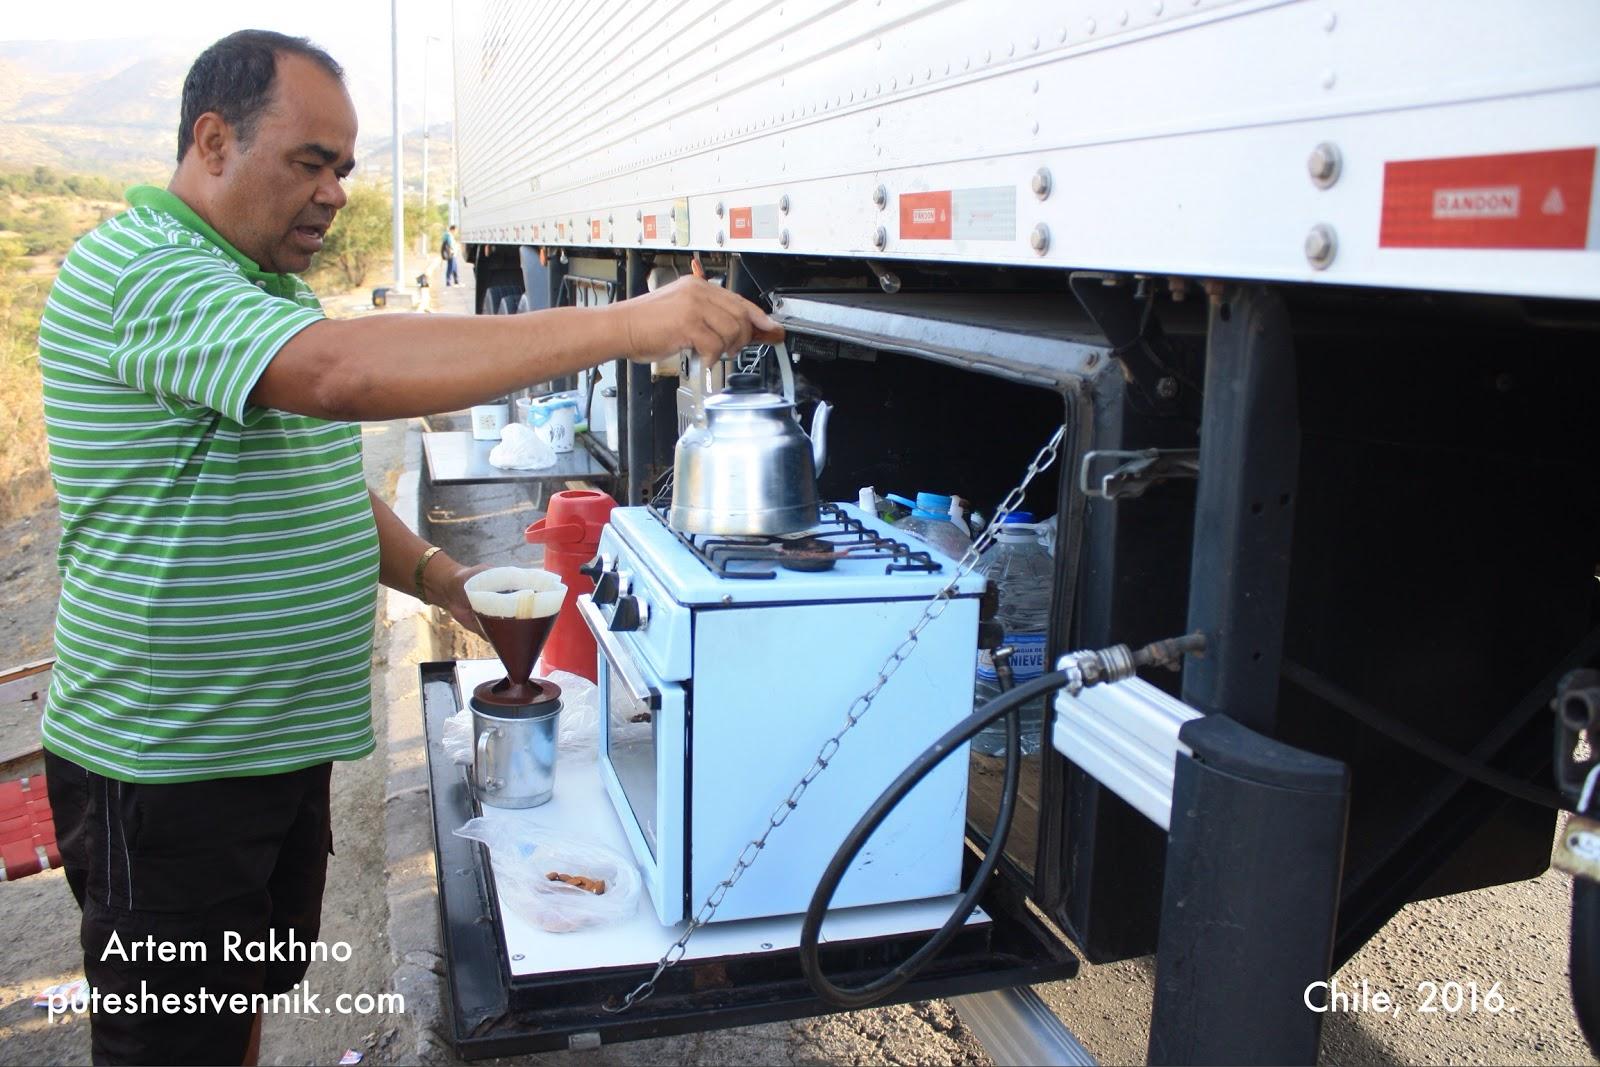 Бразильский дальнобойщик варит кофе